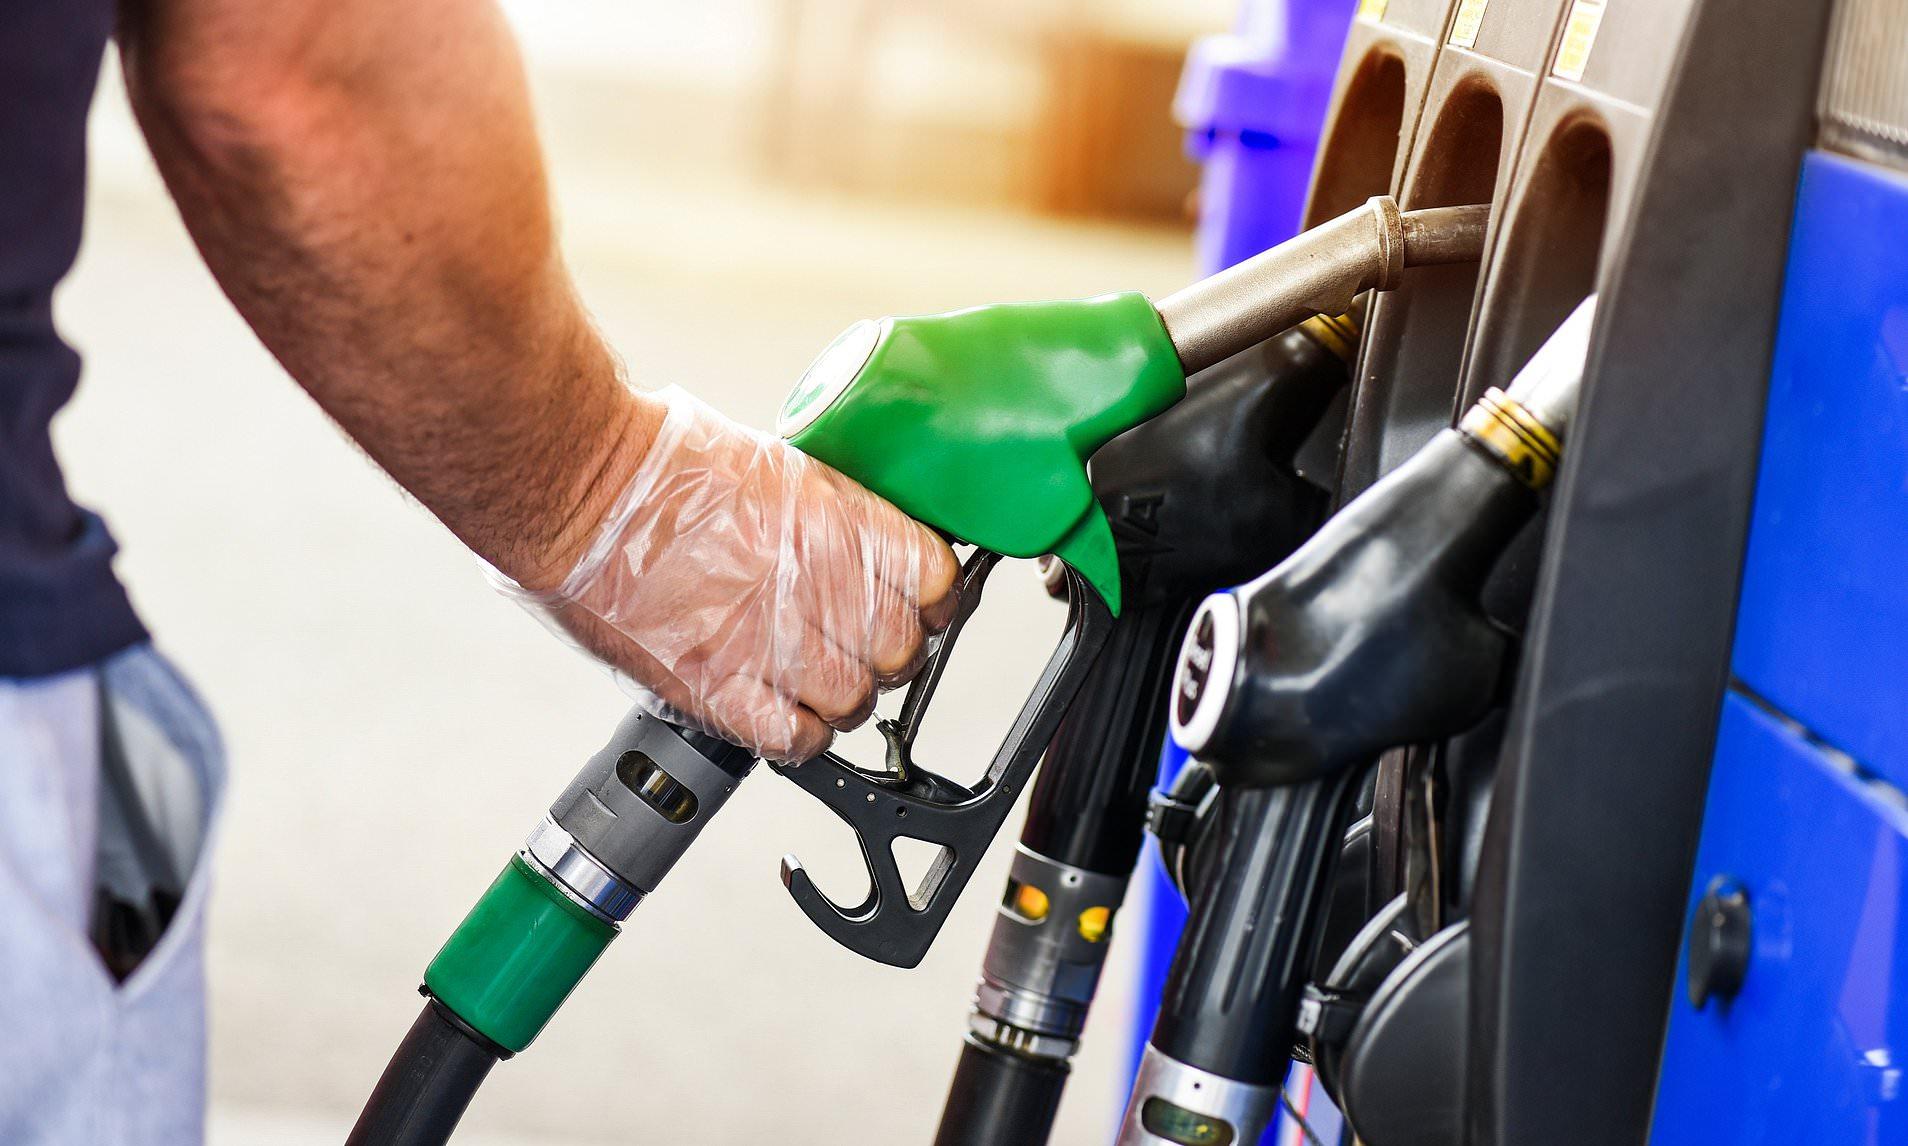 Giá dầu hôm nay 11/10: Tiếp đà tăng, dầu thô Mỹ tiến sát 80 USD/thùng